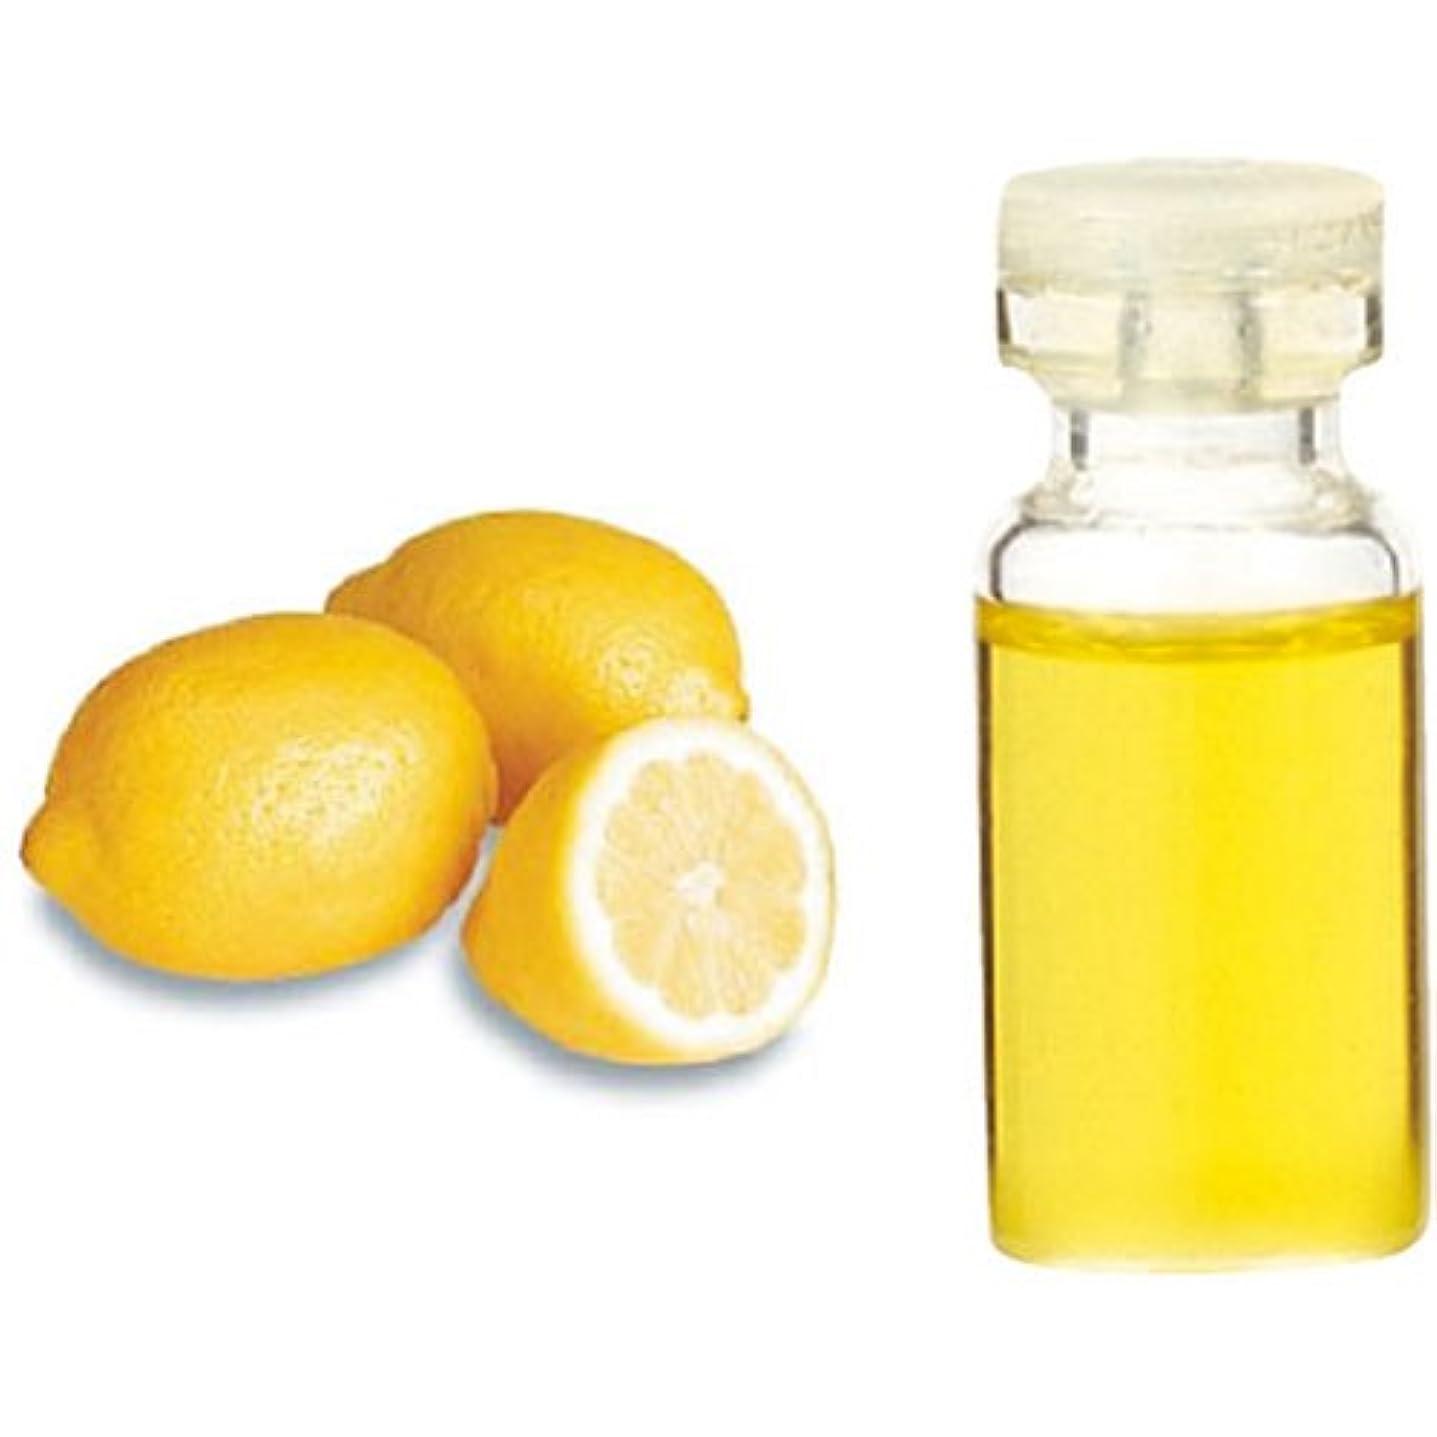 最終紀元前毒性生活の木 C レモン エッセンシャルオイル 10ml